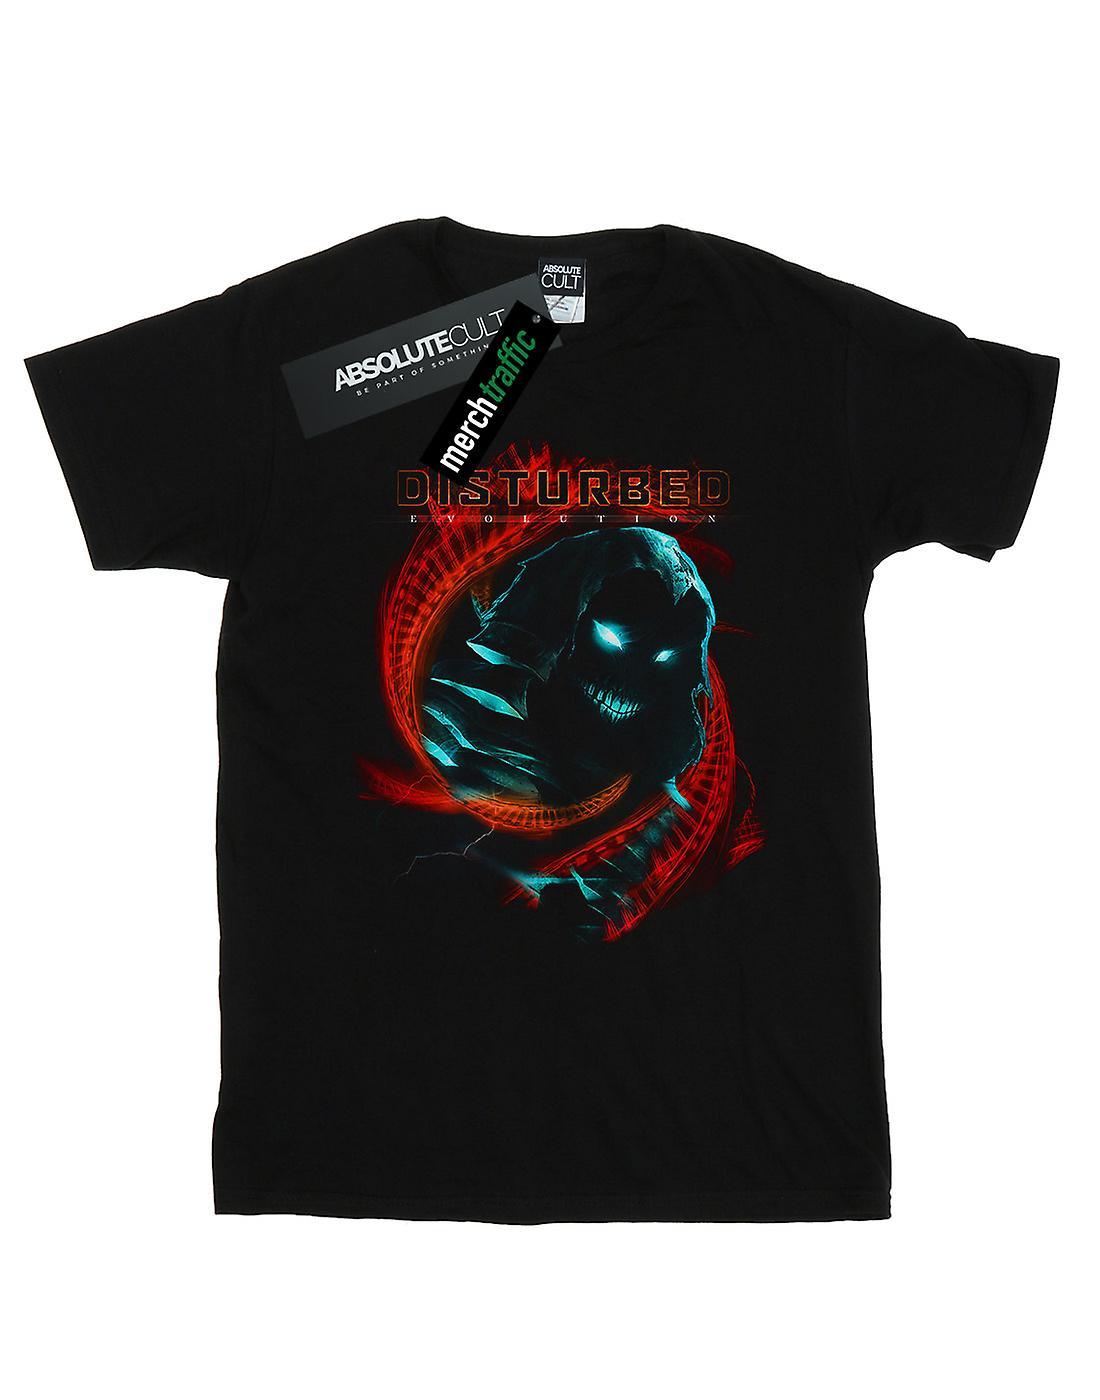 Disturbed Girls DNA Swirl T-Shirt